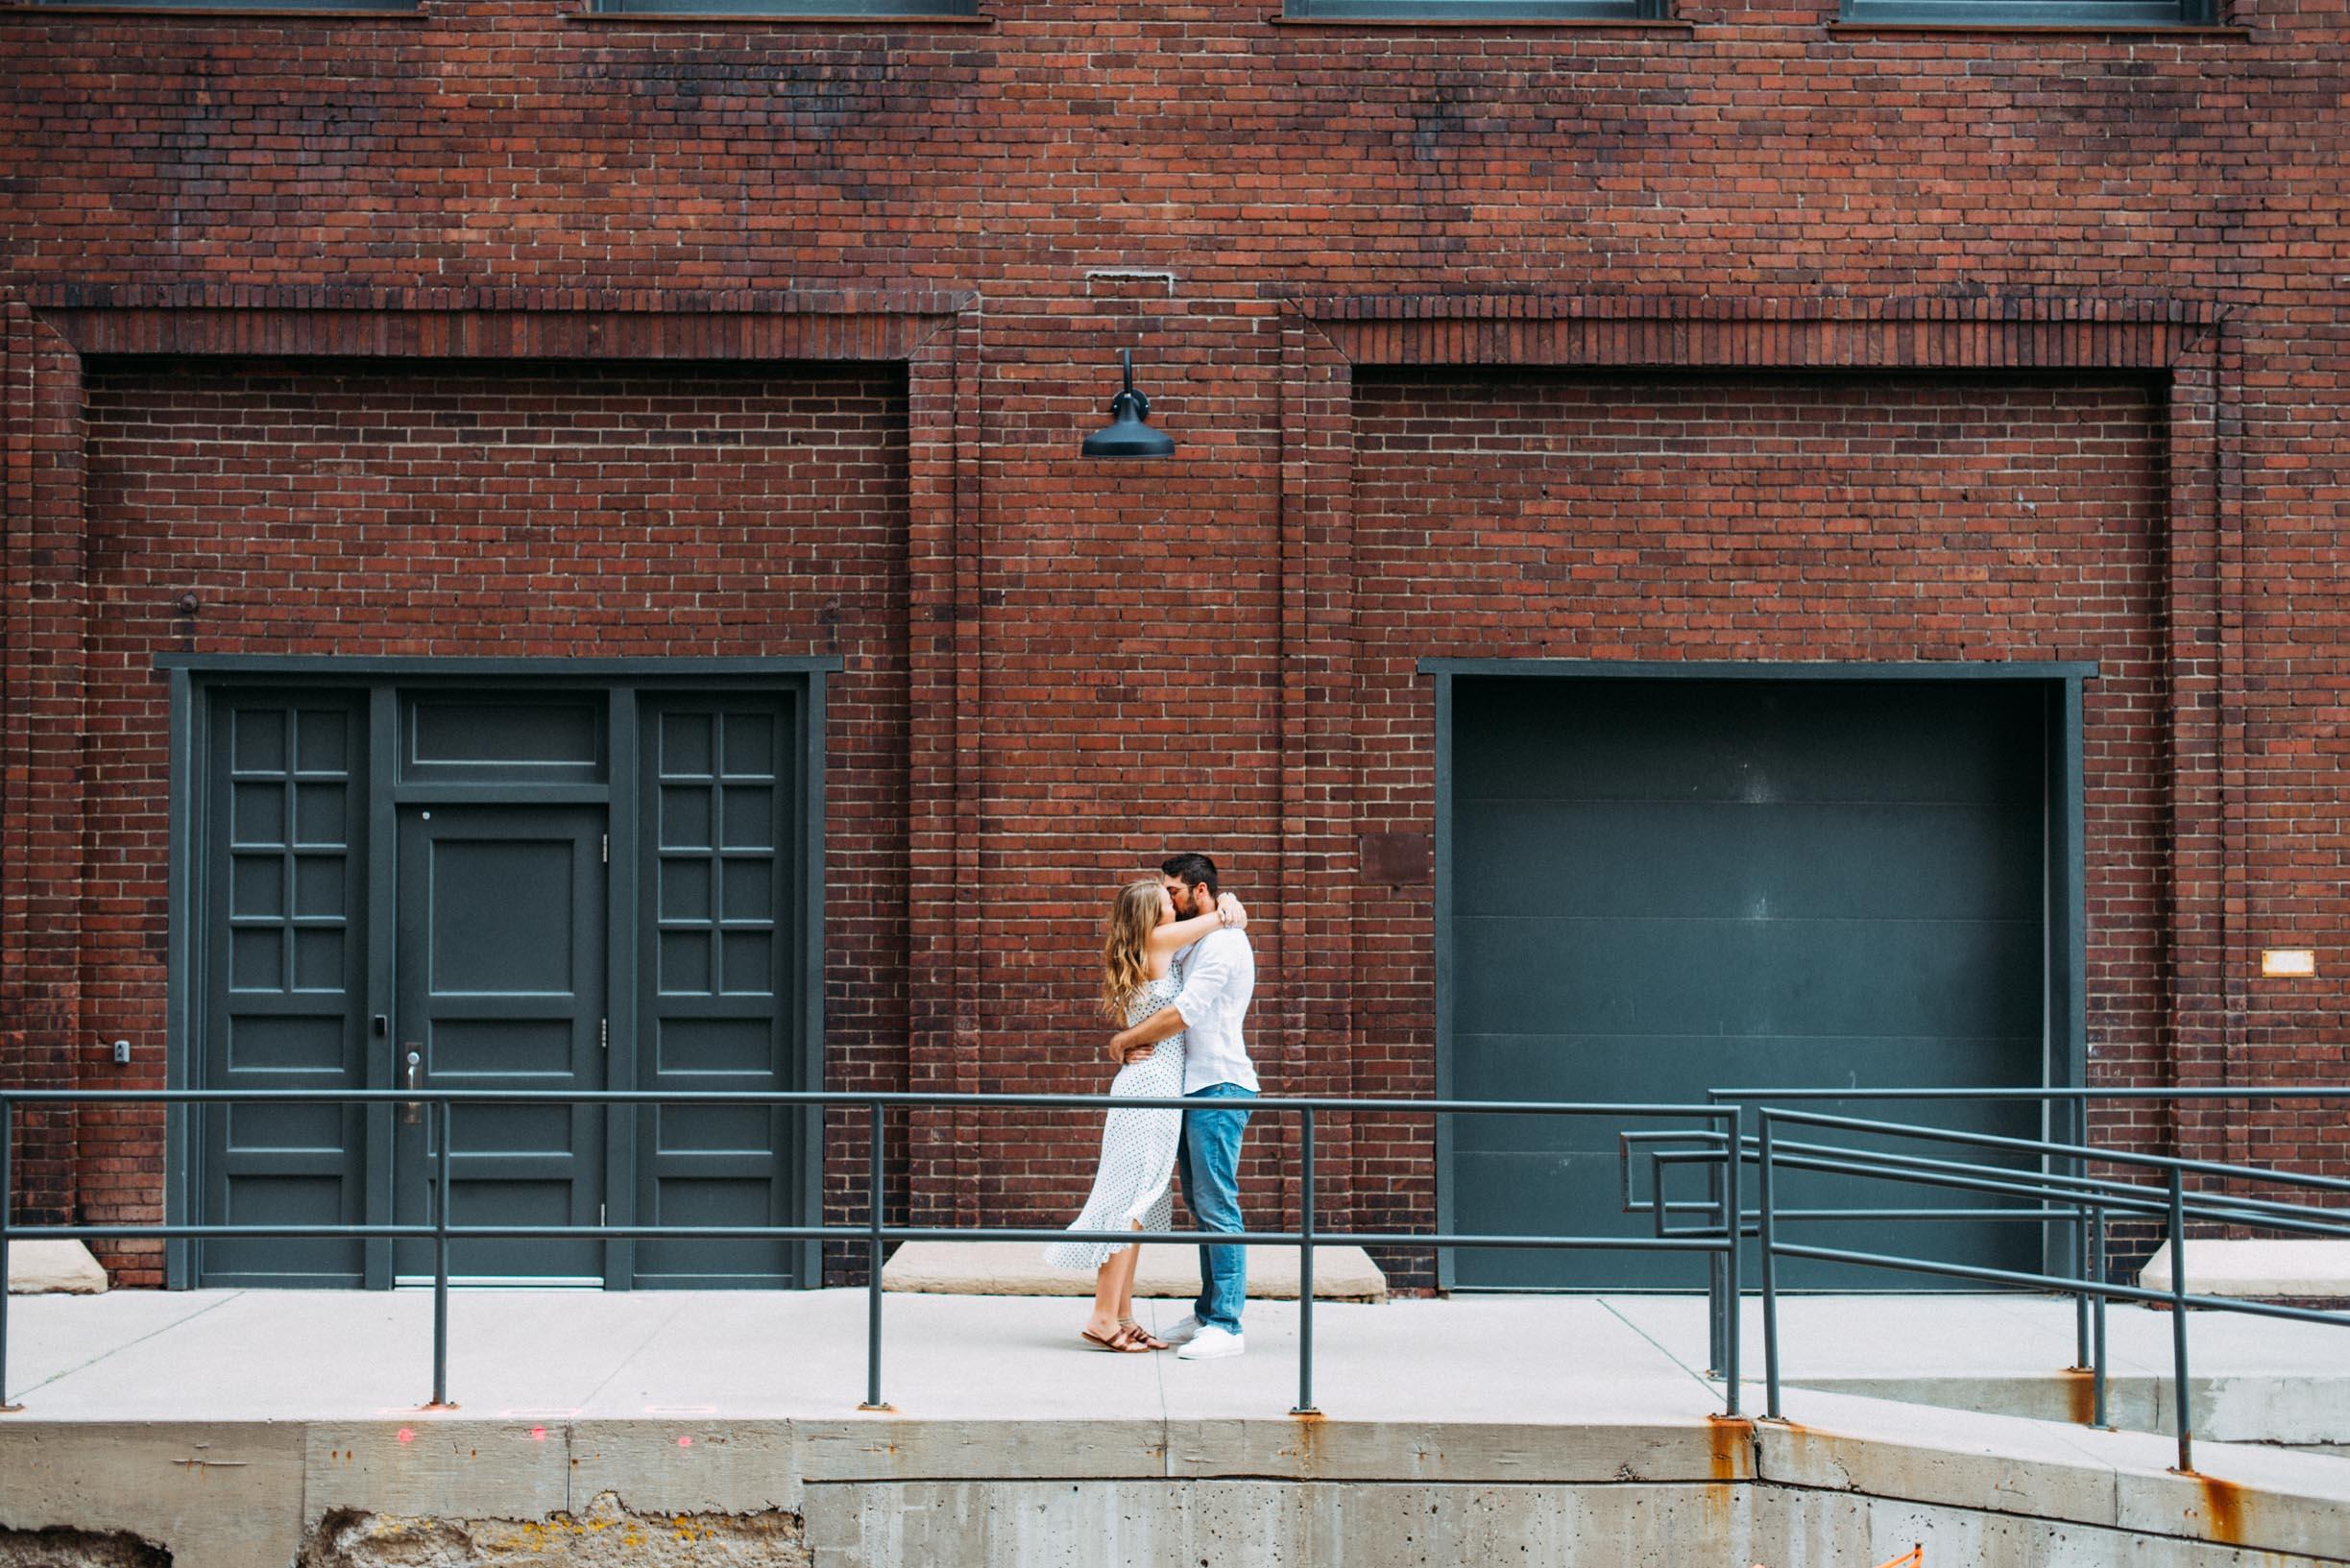 North_Loop_Minneapolis_Couple_Portraits_Blogpost-8.jpg